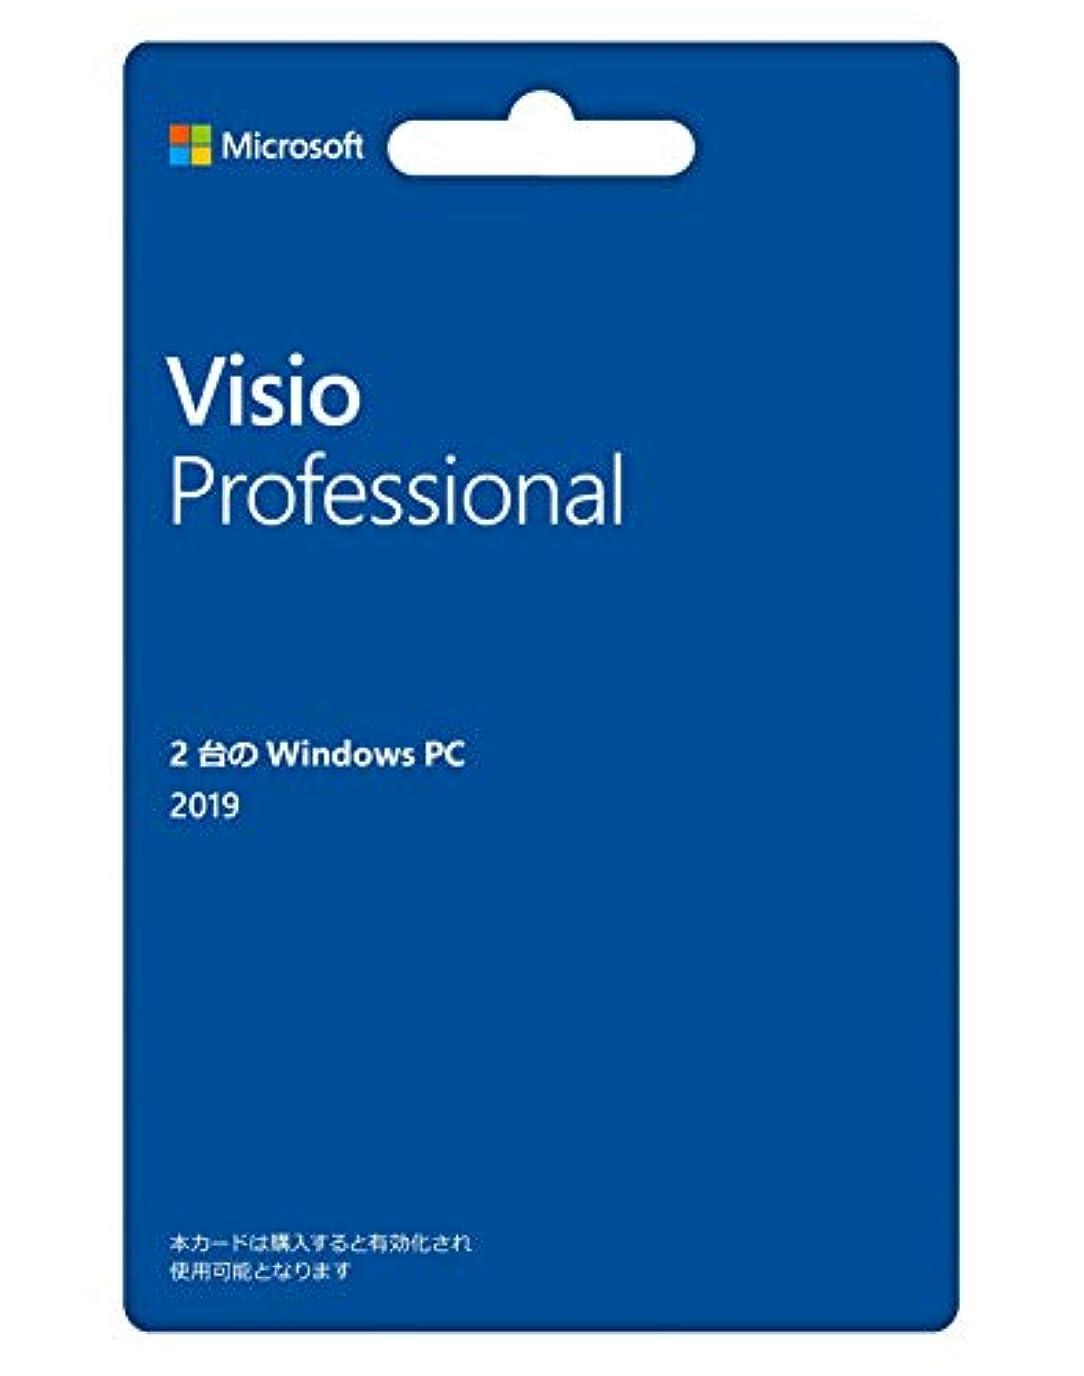 推進力まつげマラウイMicrosoft Visio Professional 2019(最新 永続版) カード版 Windows10 PC2台